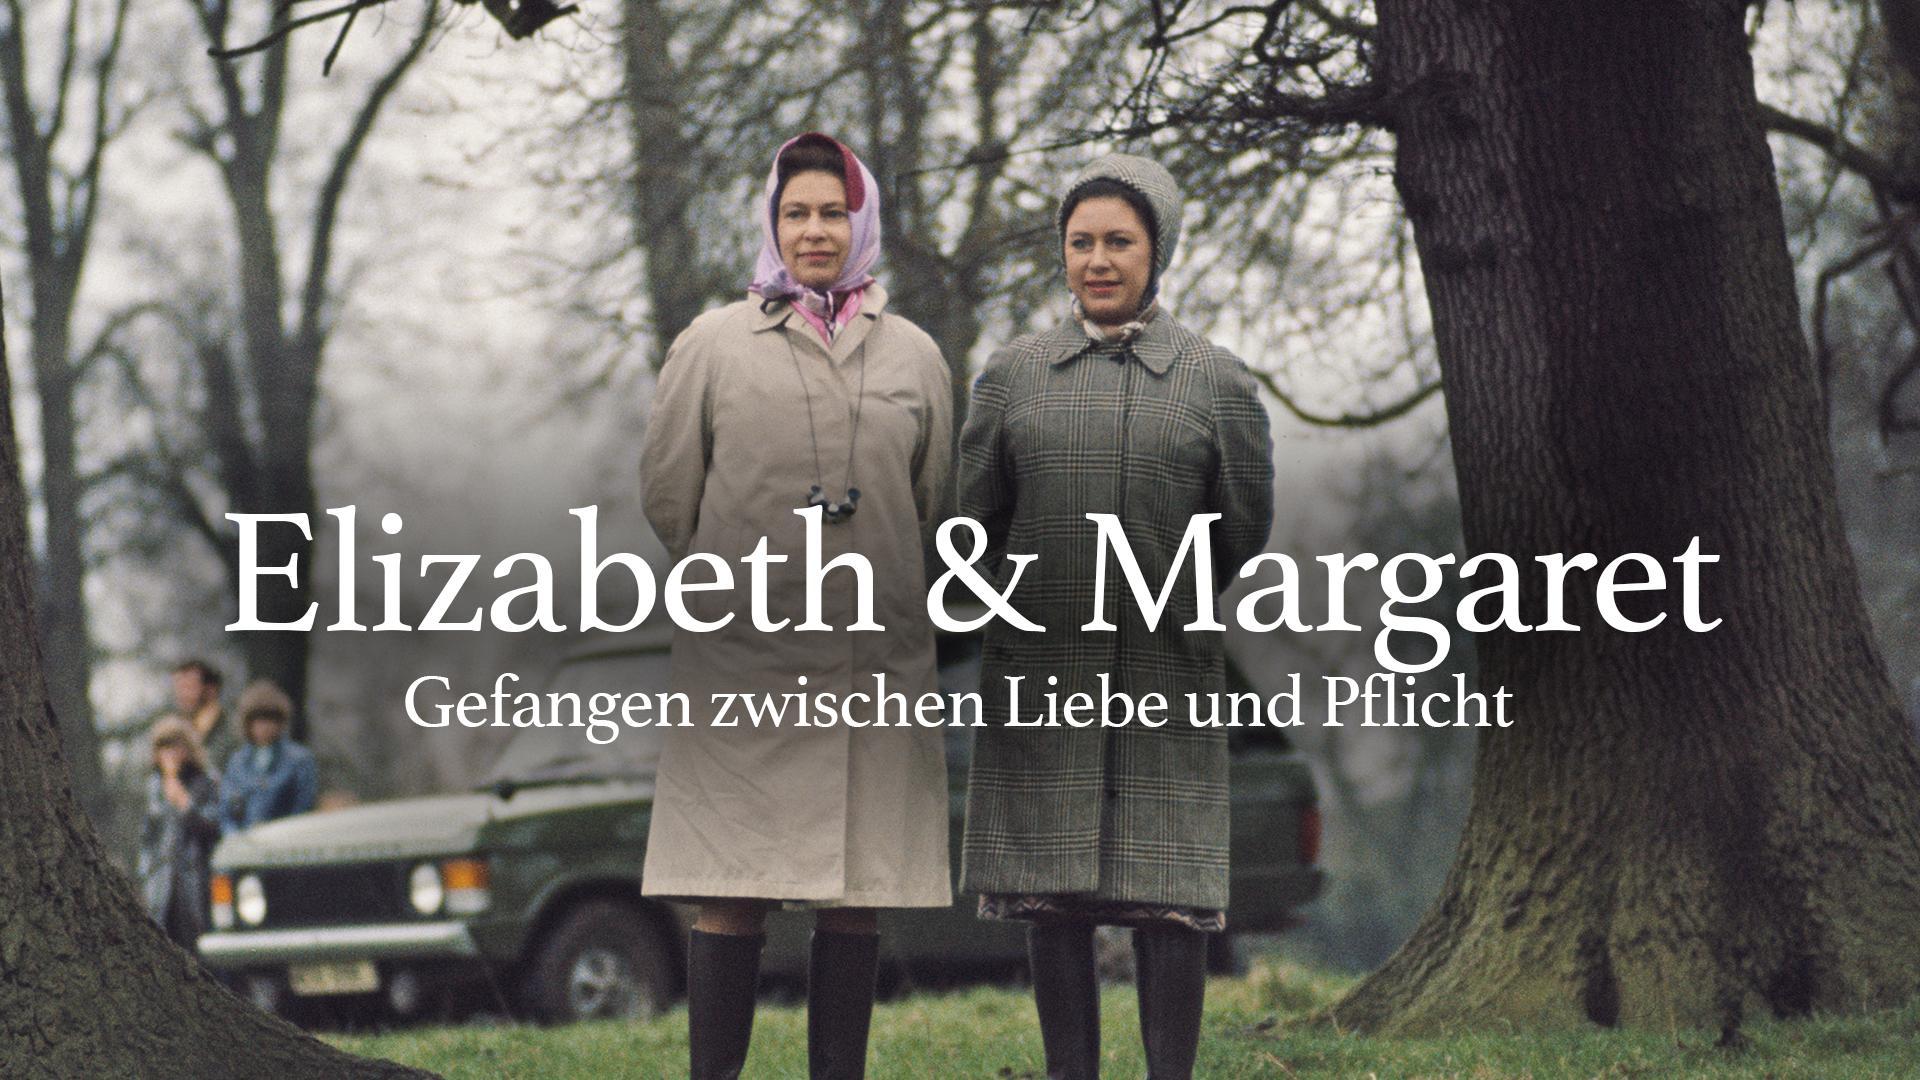 Elizabeth & Margaret: Gefangen zwischen Liebe und Pflicht